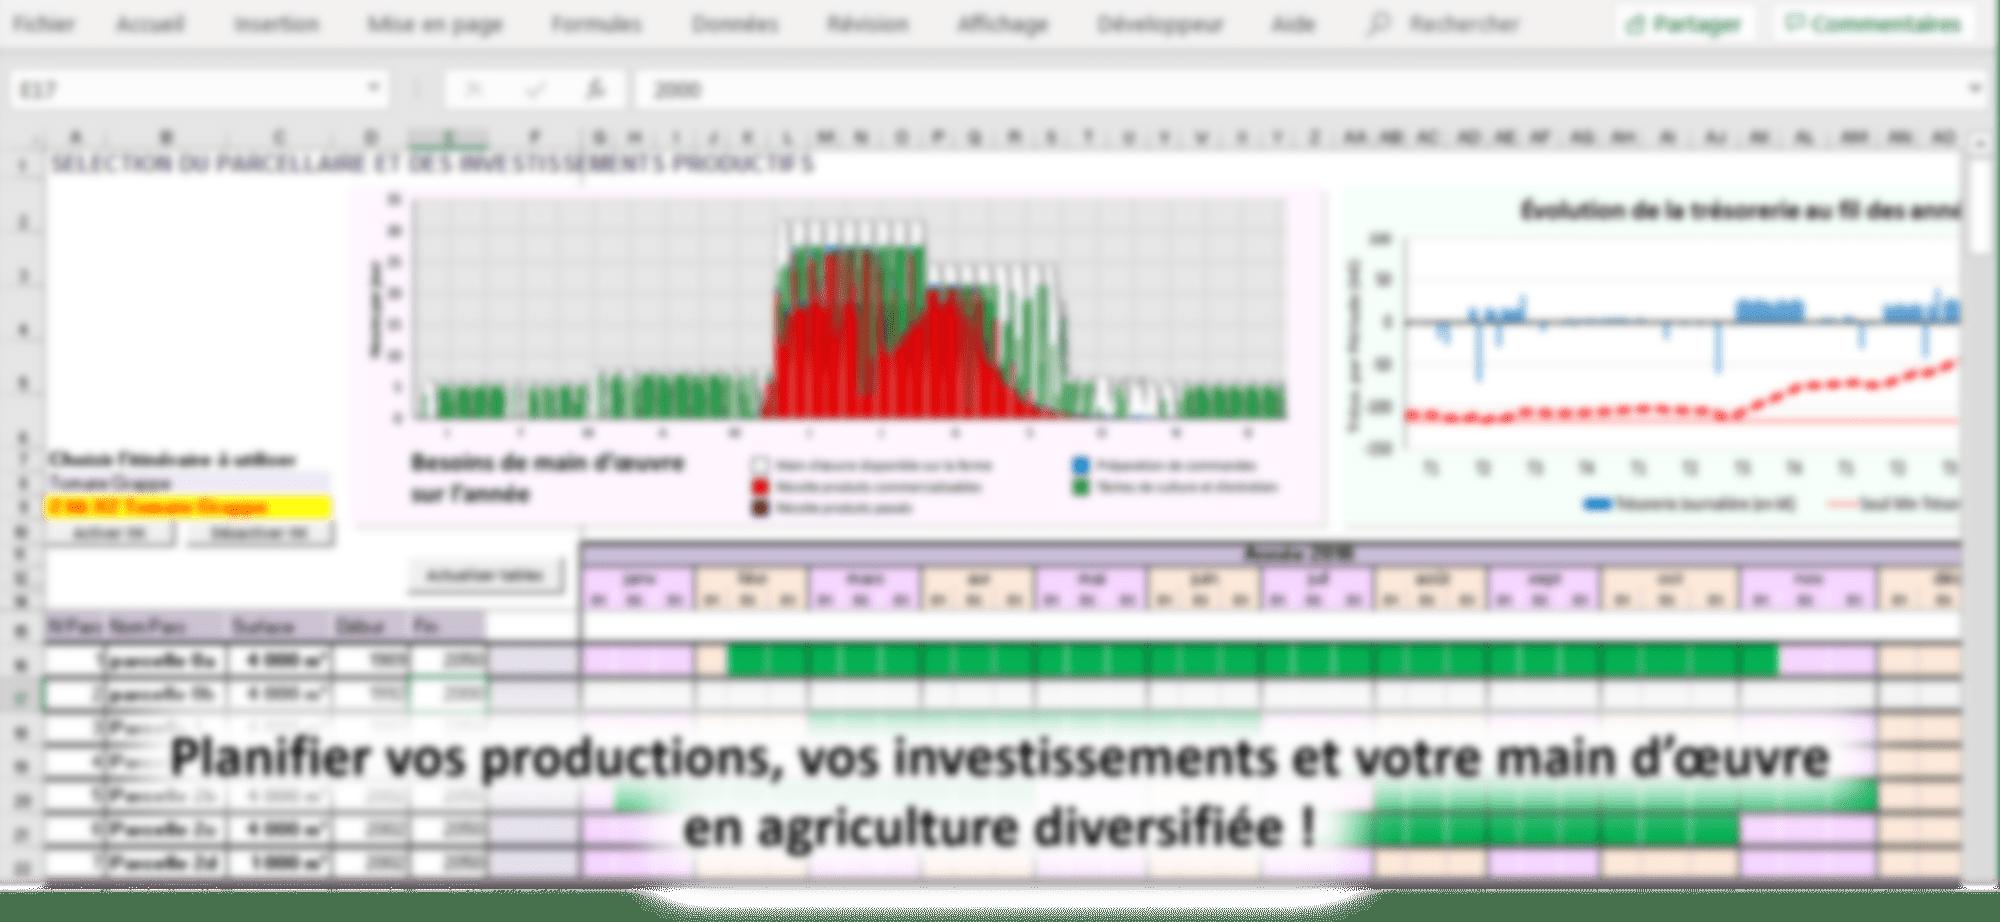 Agriplan, un outil de simulation et d'aide à la décision stratégique pour les exploitations diversifiées